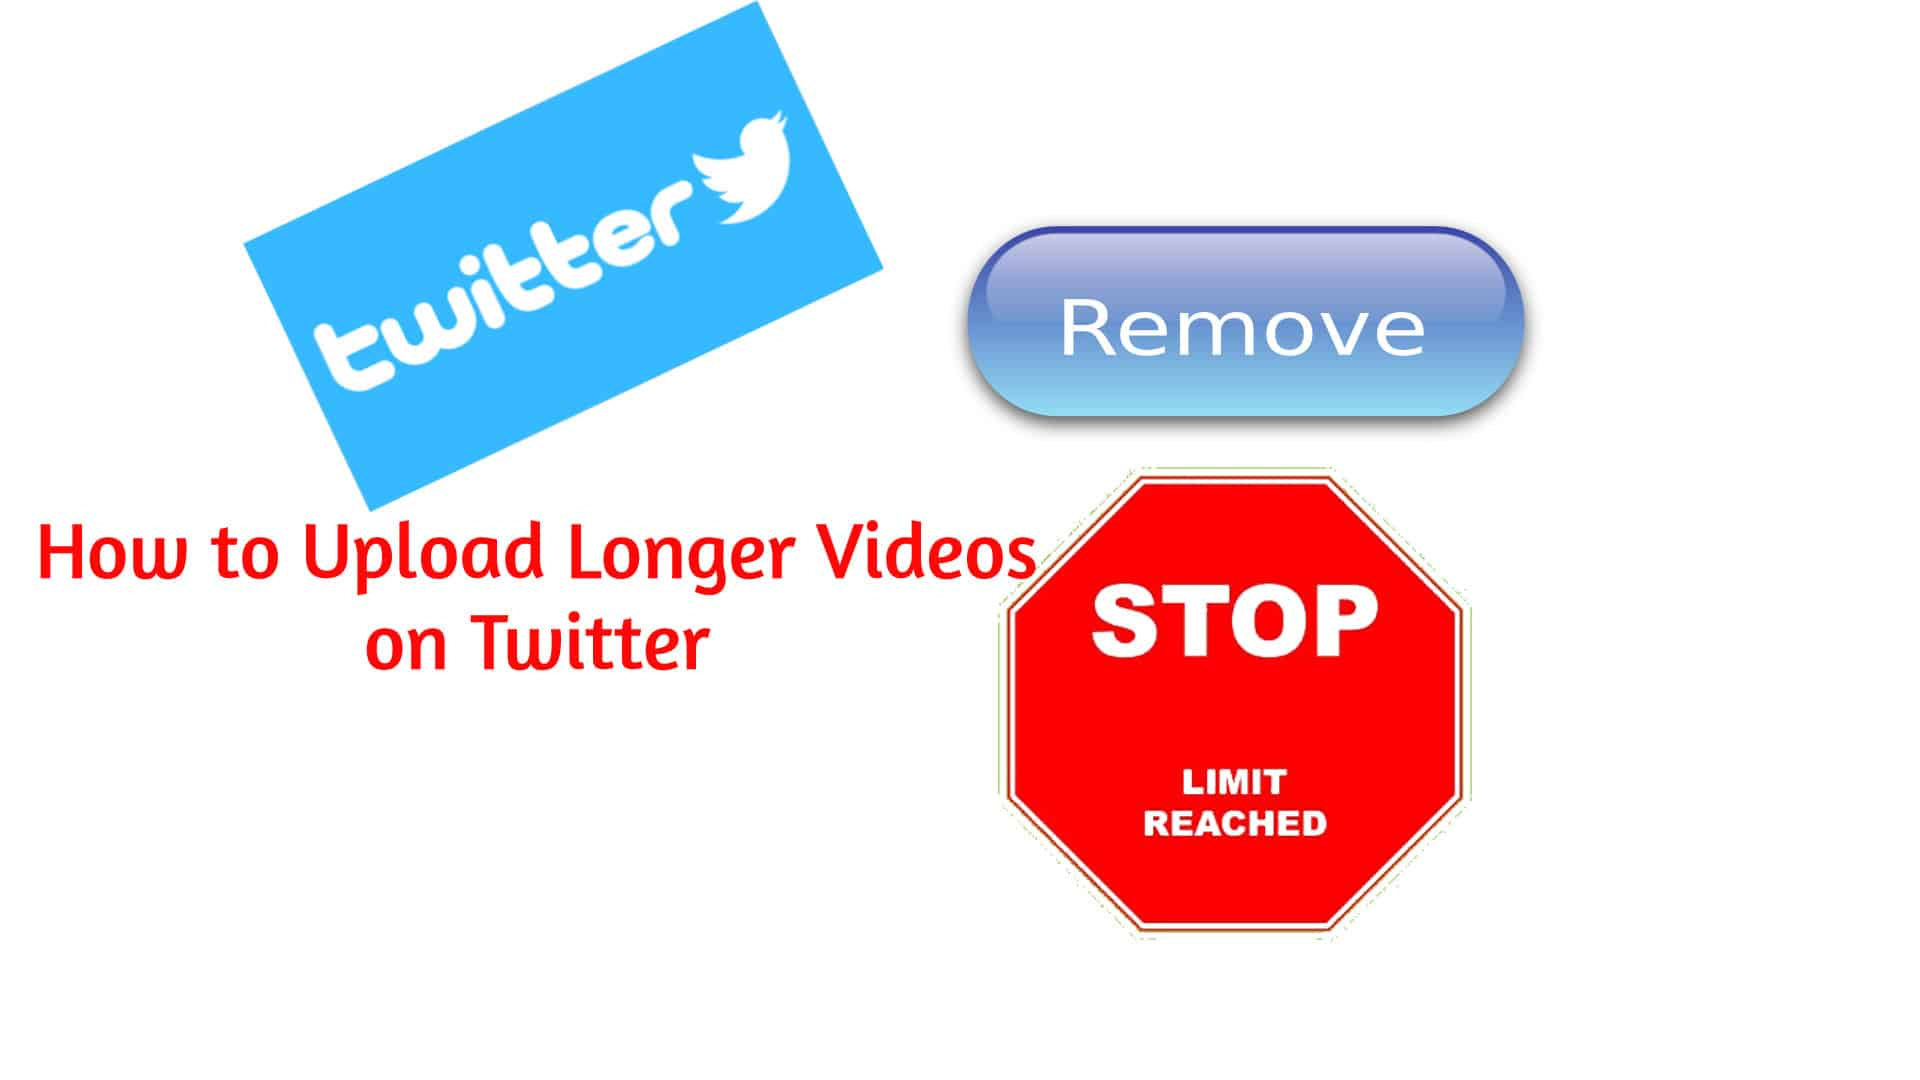 How to Upload Longer Videos On Twitter